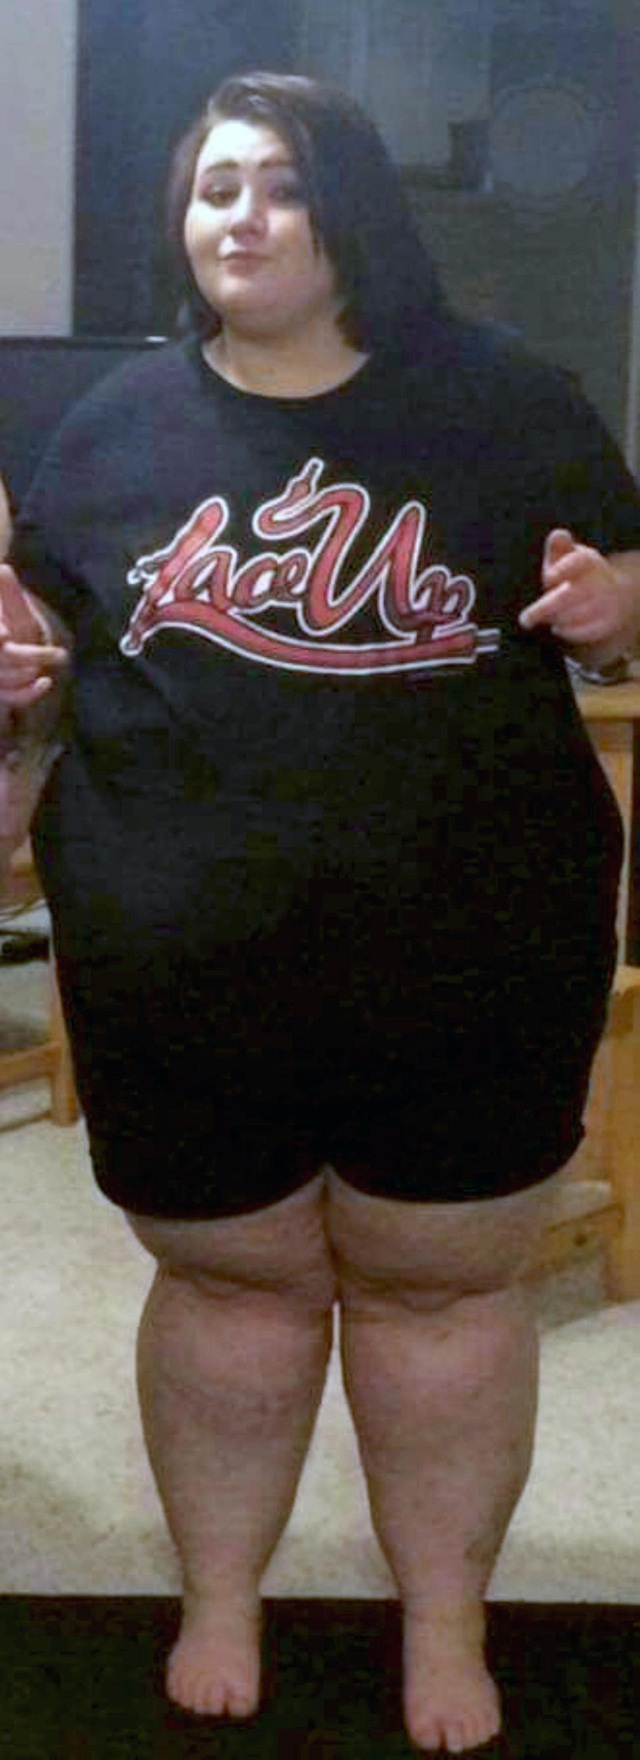 Cô gái béo phì chỉ vừa size XXXXL lột xác thành hot girl - Ảnh minh hoạ 4